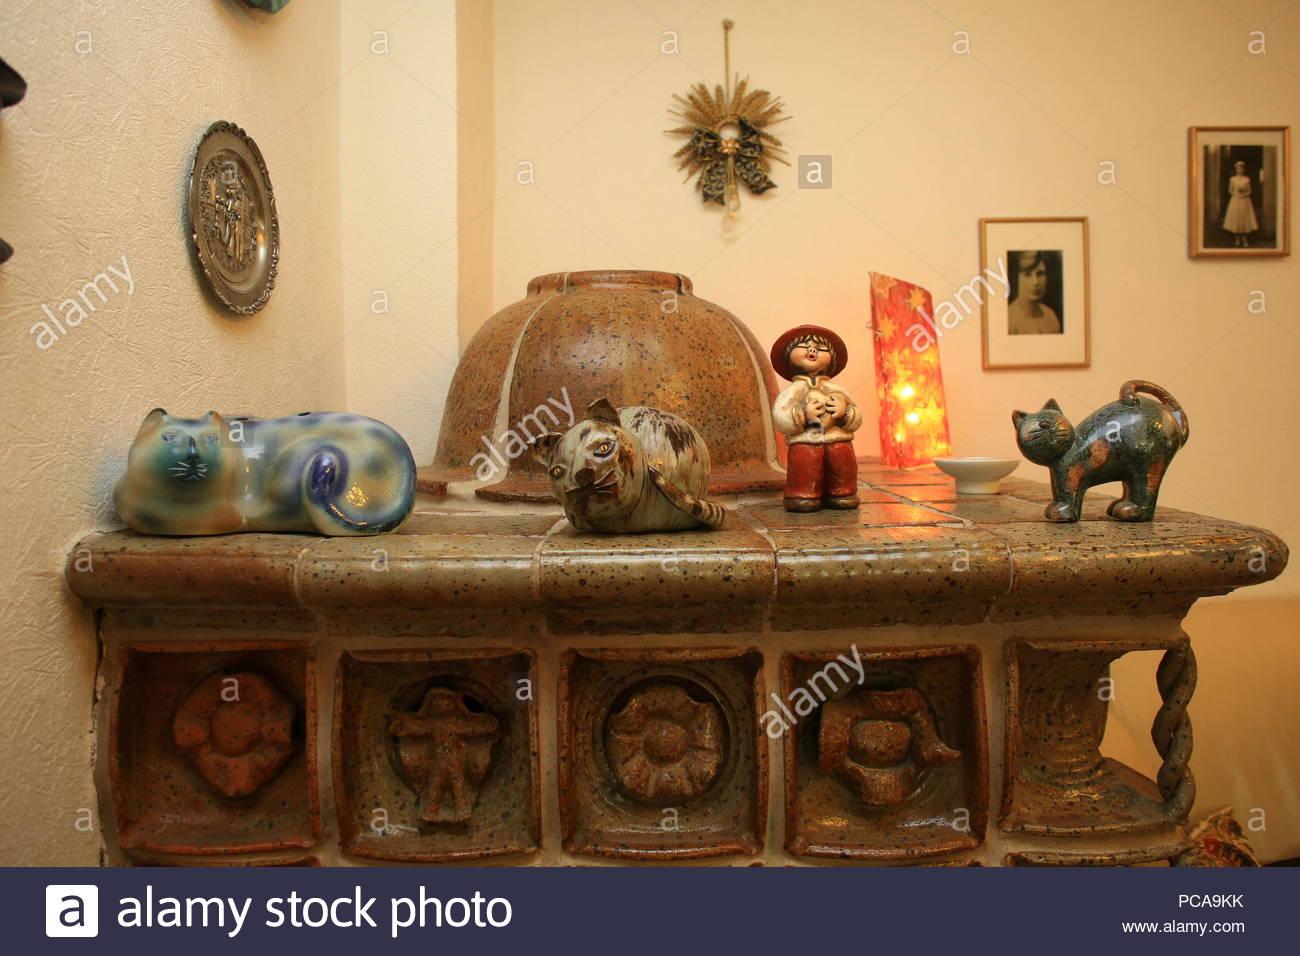 Ceramic tiled stove in a sitting room in Bavaria, Germany. - Stock Image